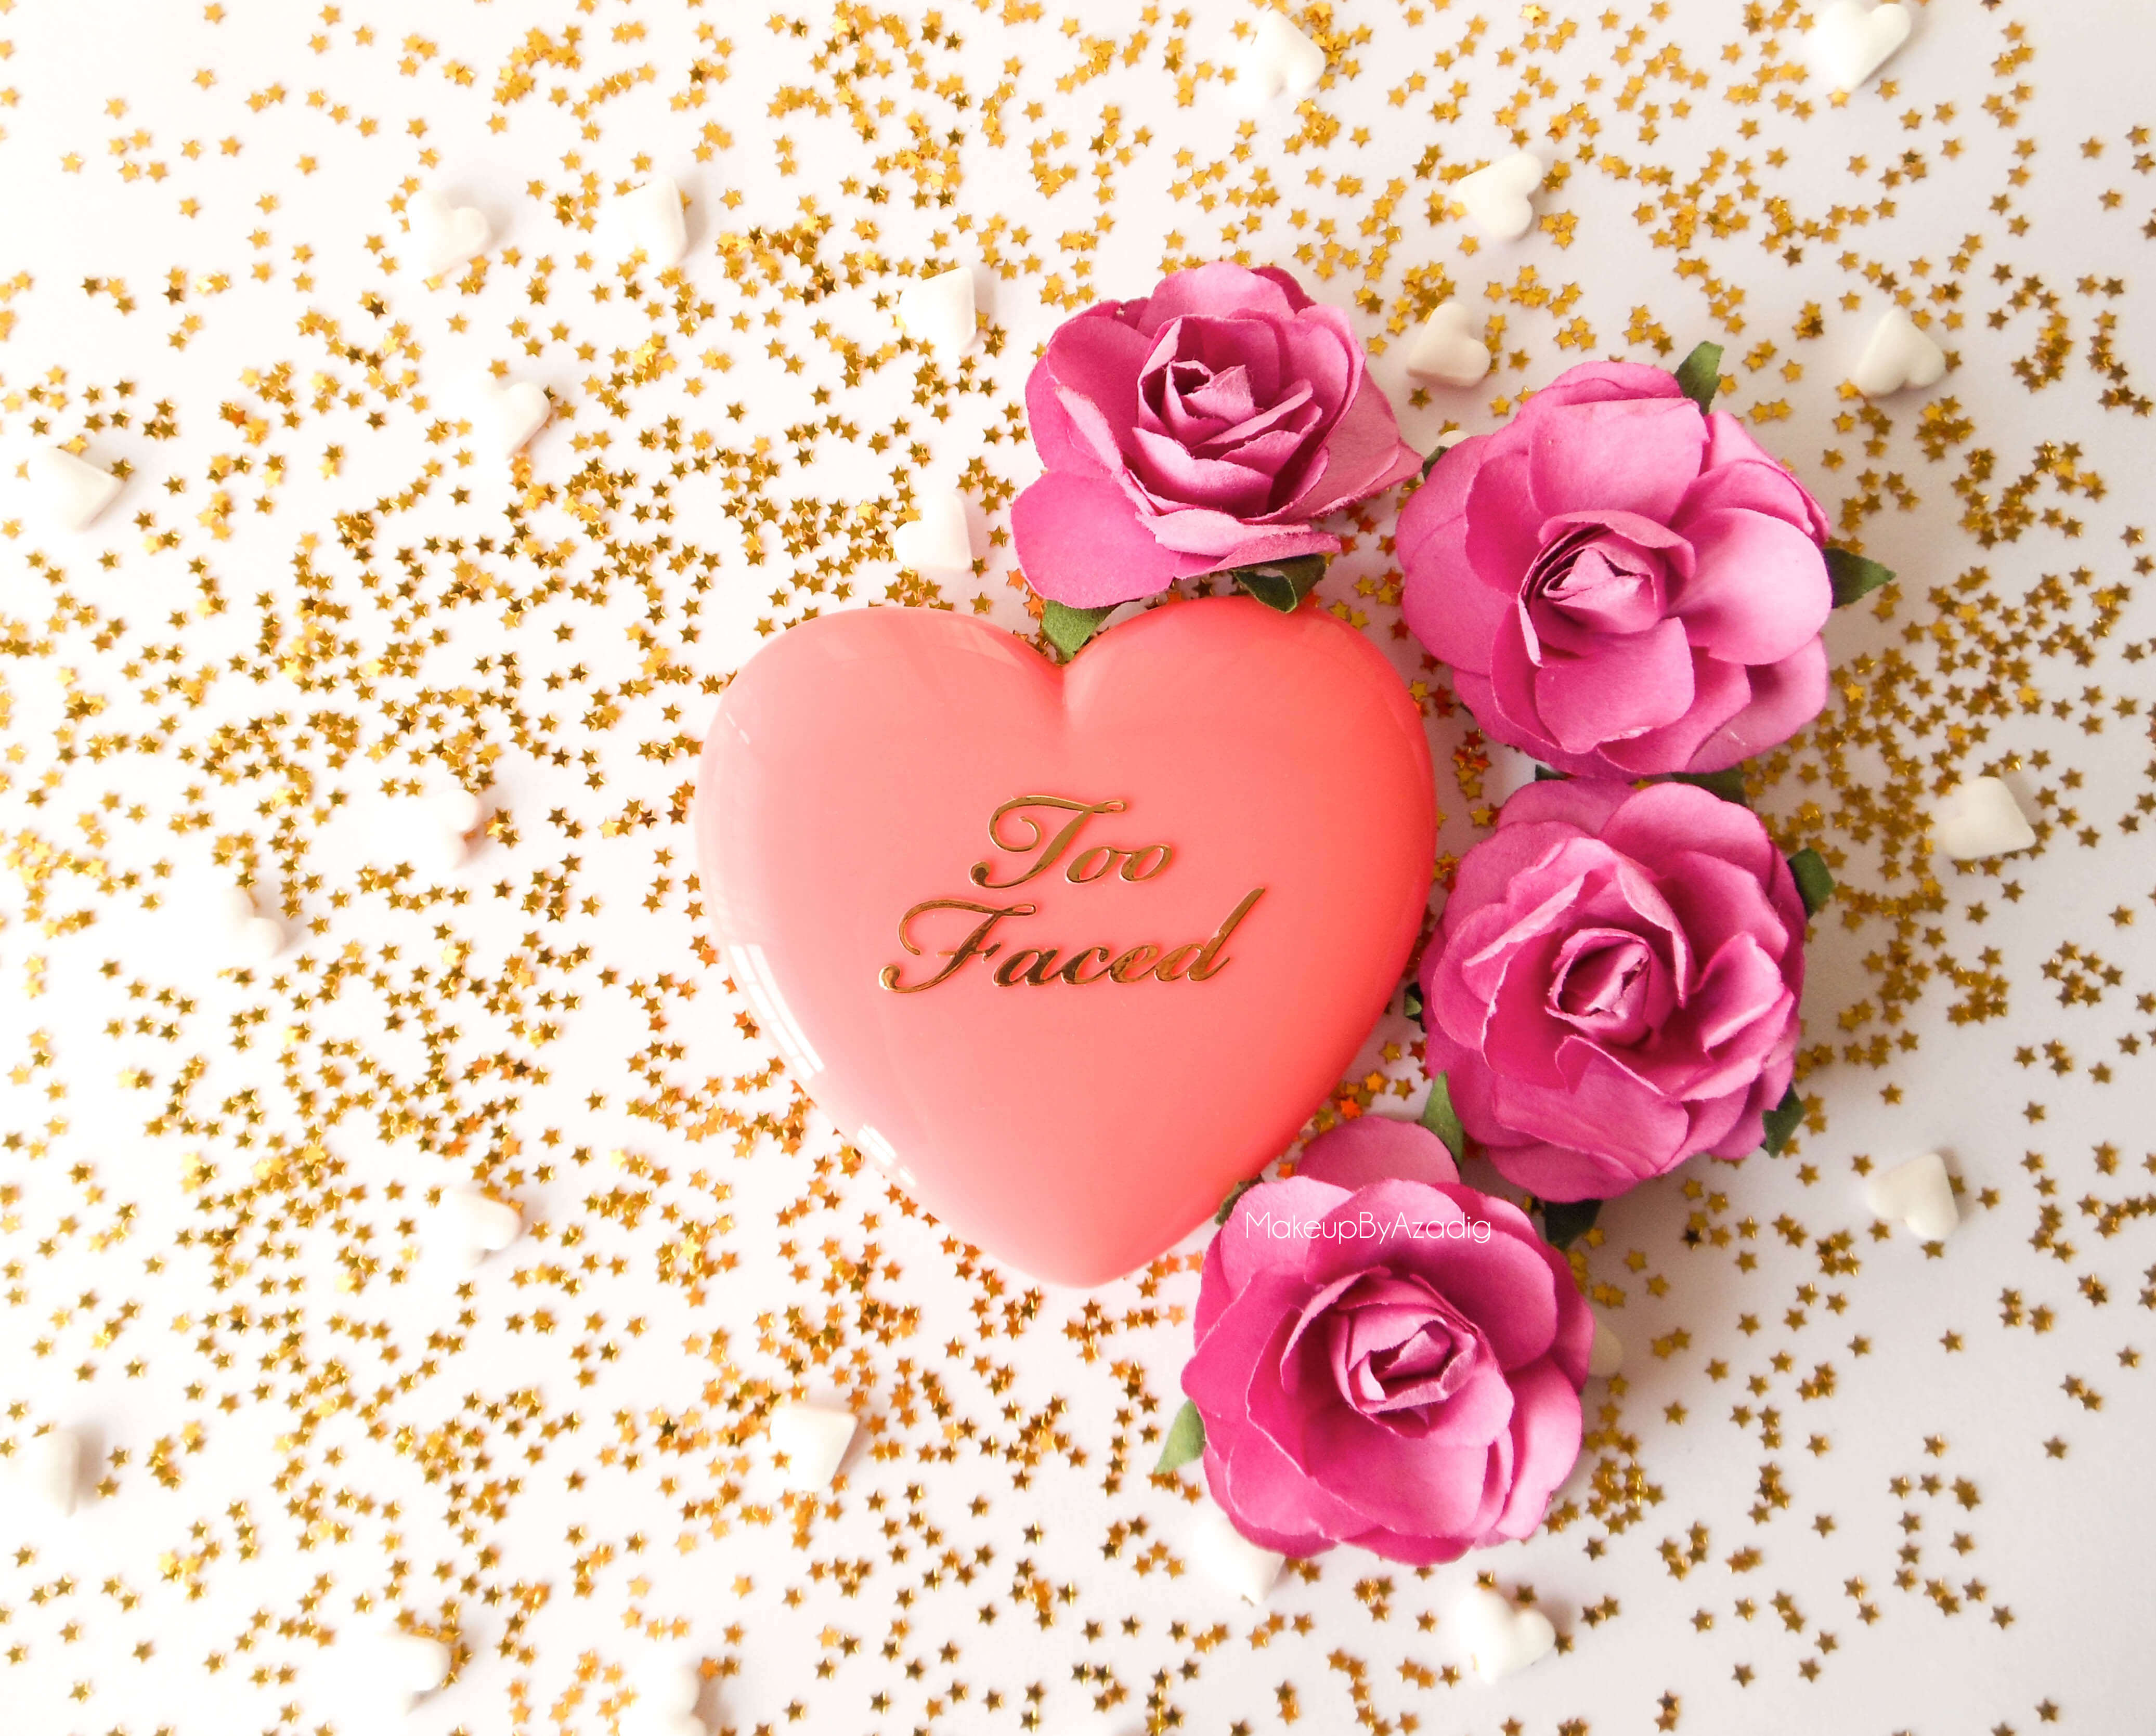 makeupbyazadig-love-flush-blush-too-faced-love-hangover-blog-influencer-sephora-france-best